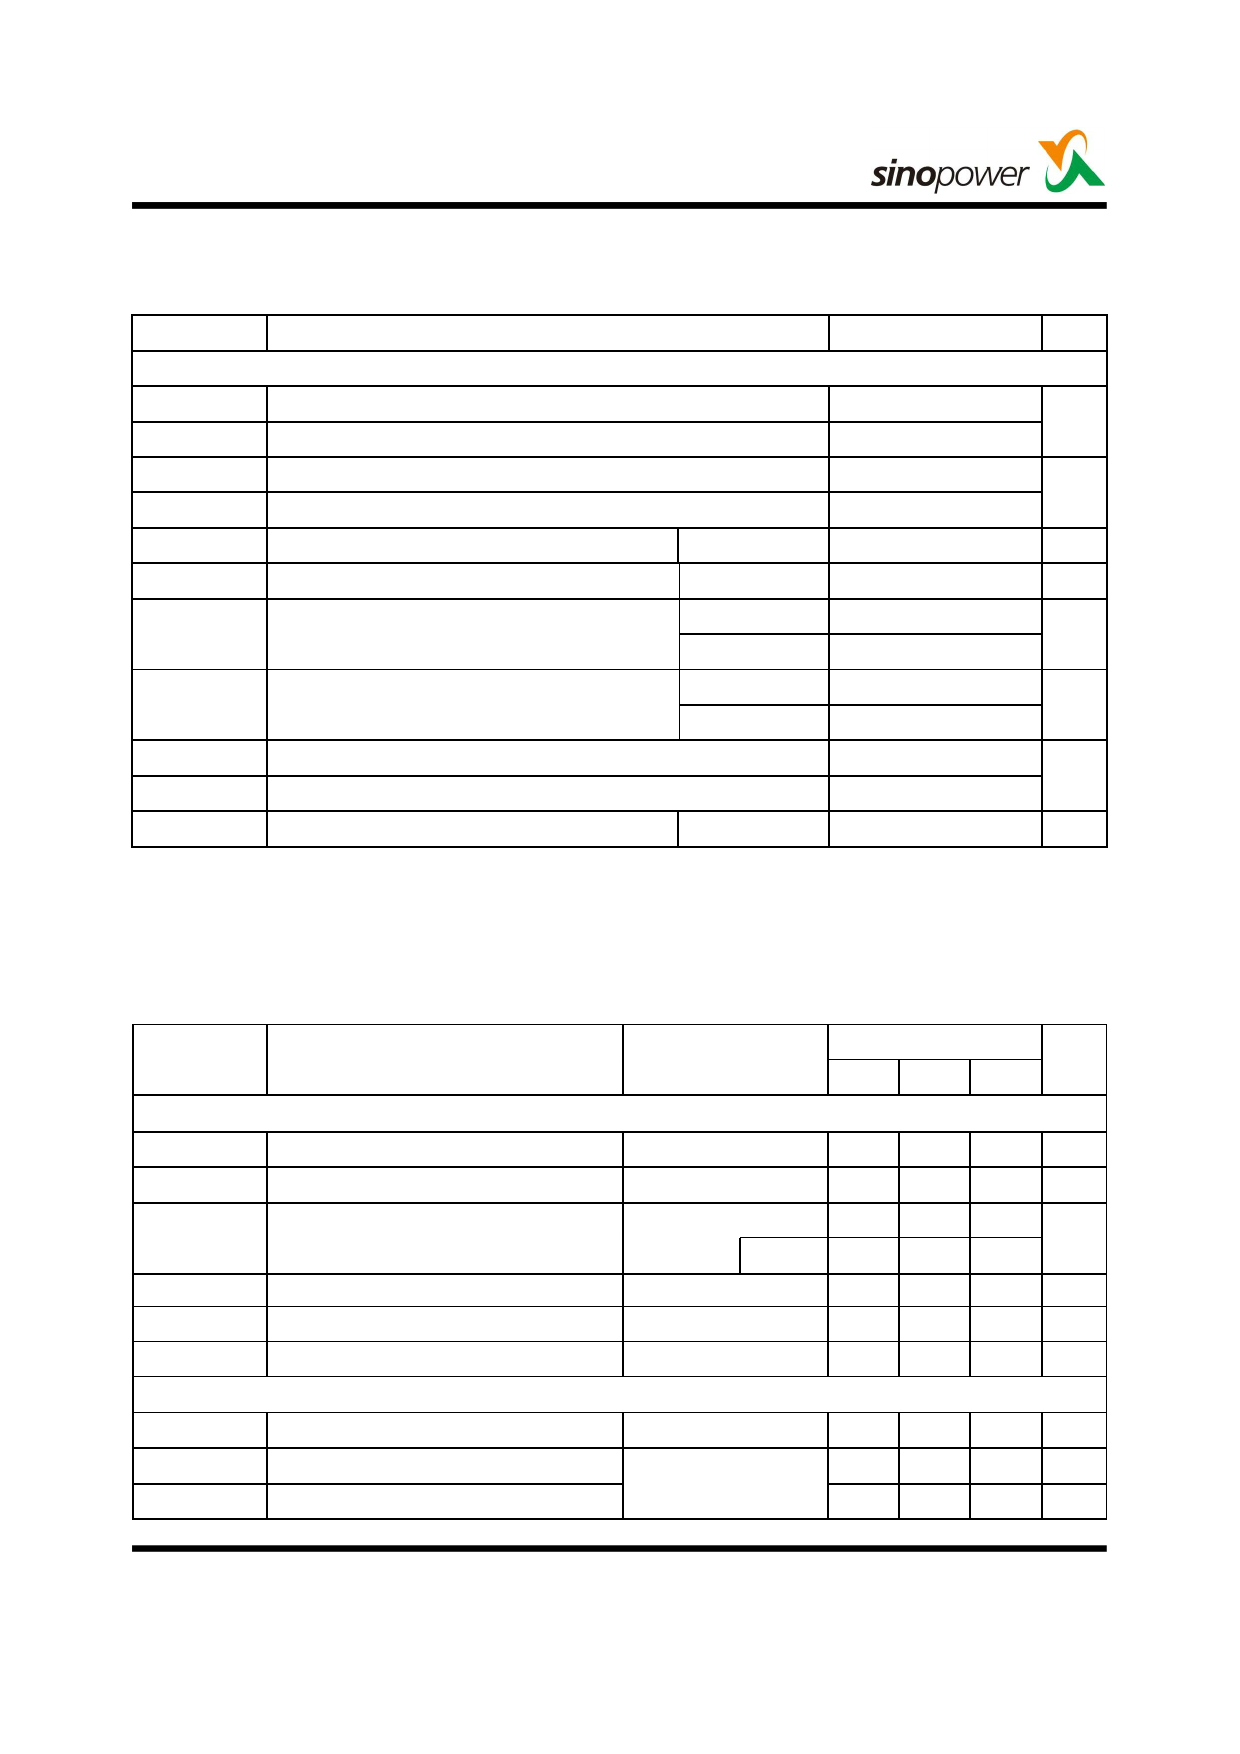 SM8009NSF pdf